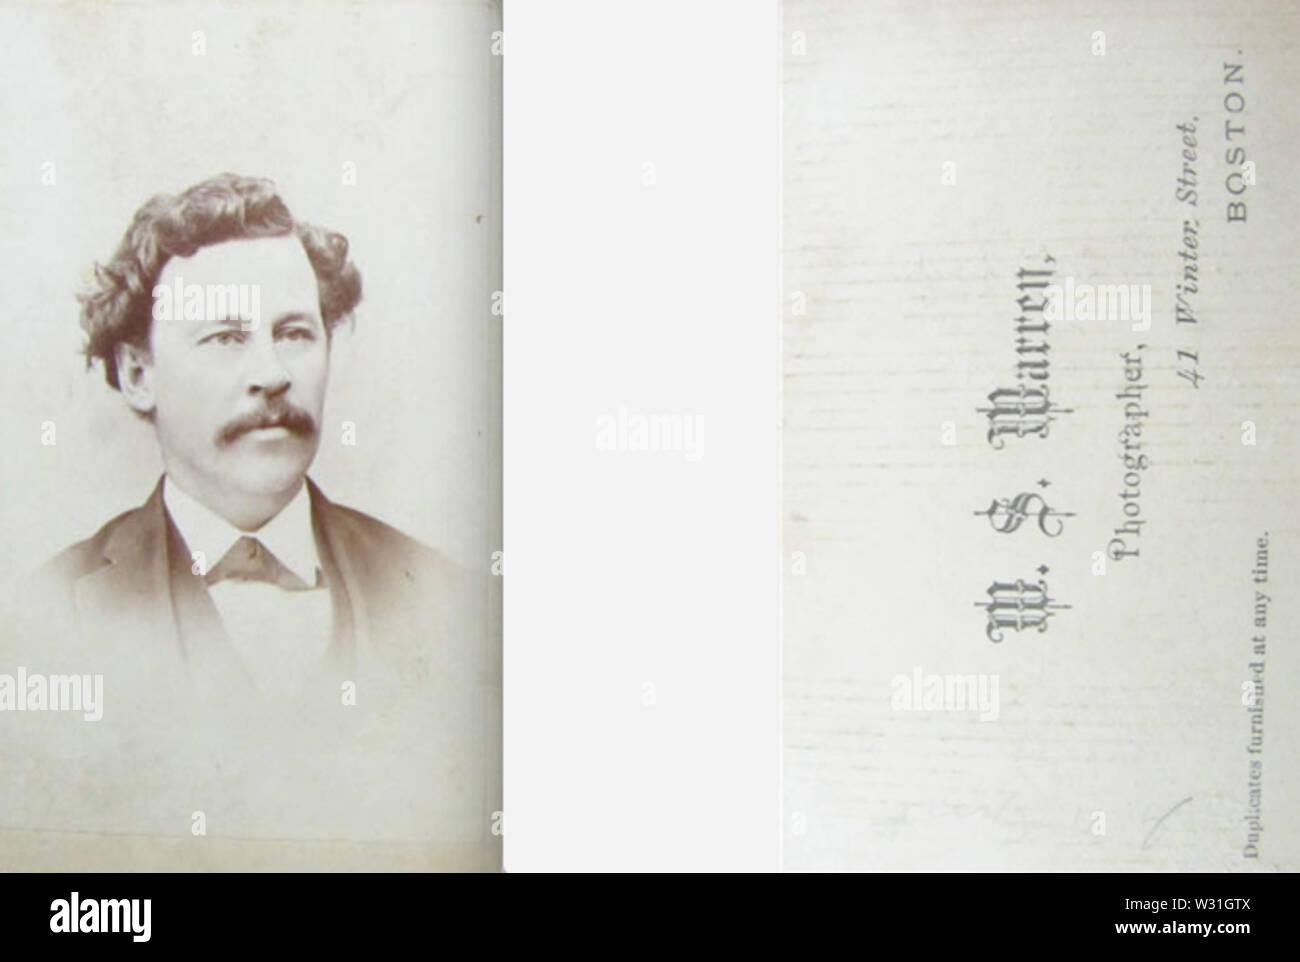 Portrait of man by W S Warren of 41 Winter Street in Boston - Stock Image